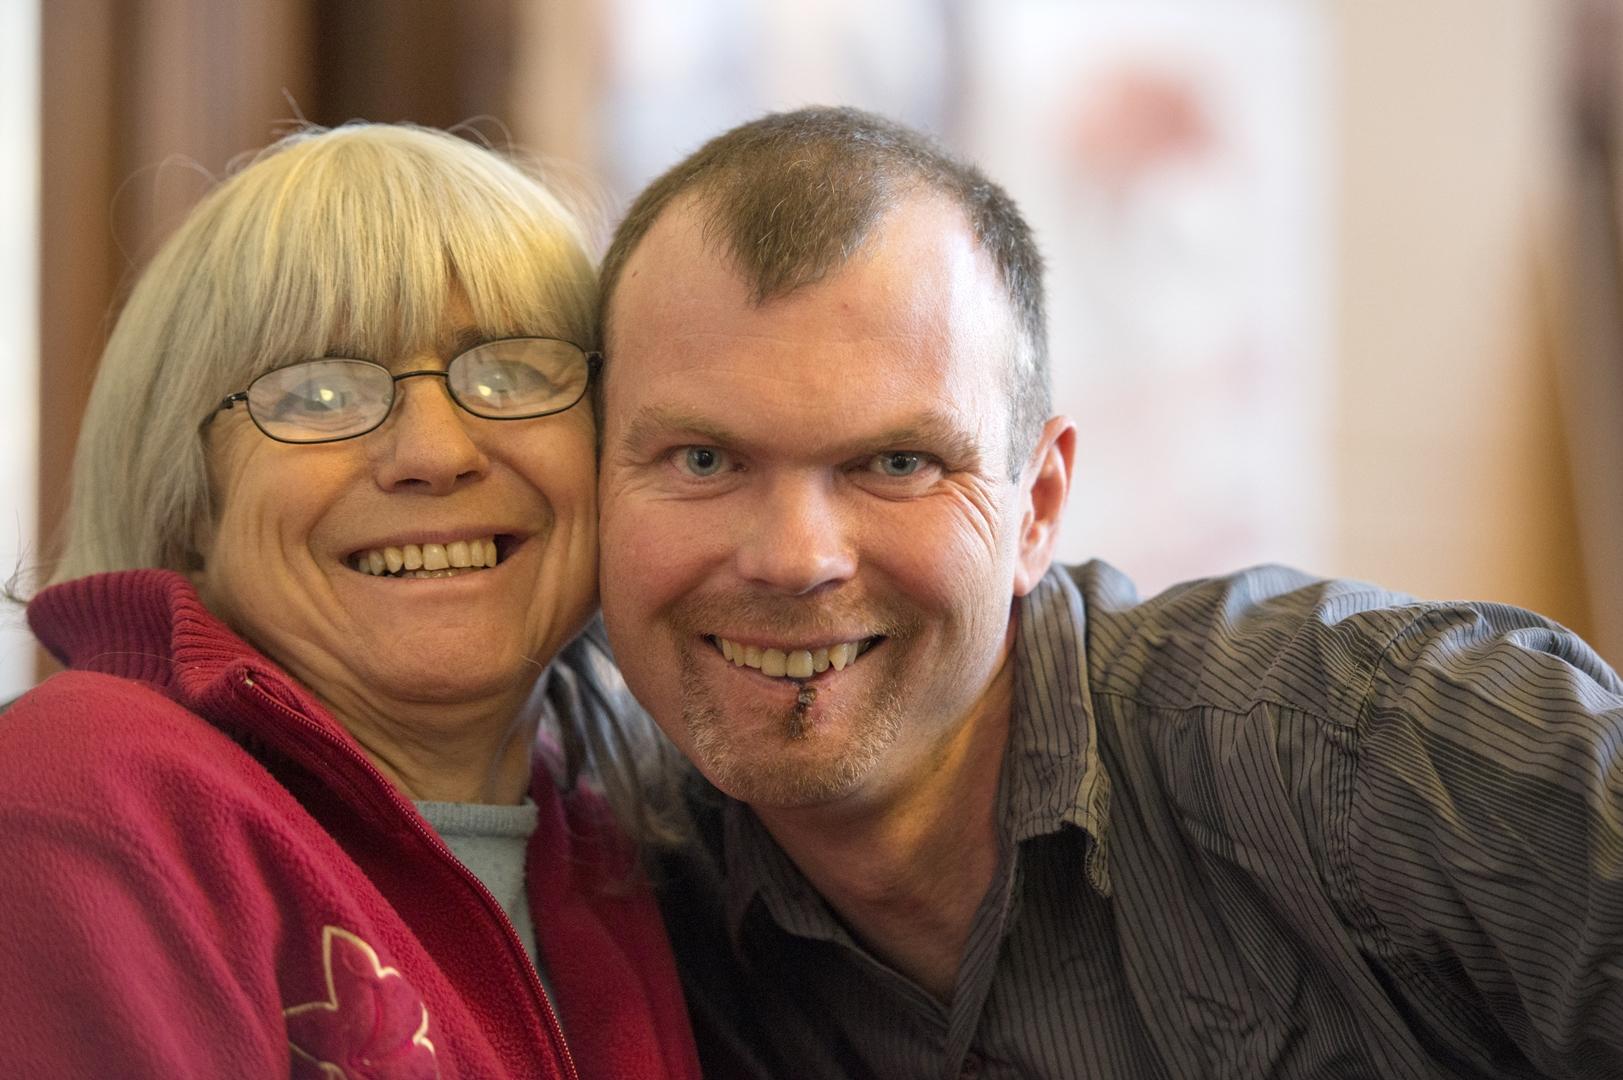 Menschen mit Handicap engagieren sich